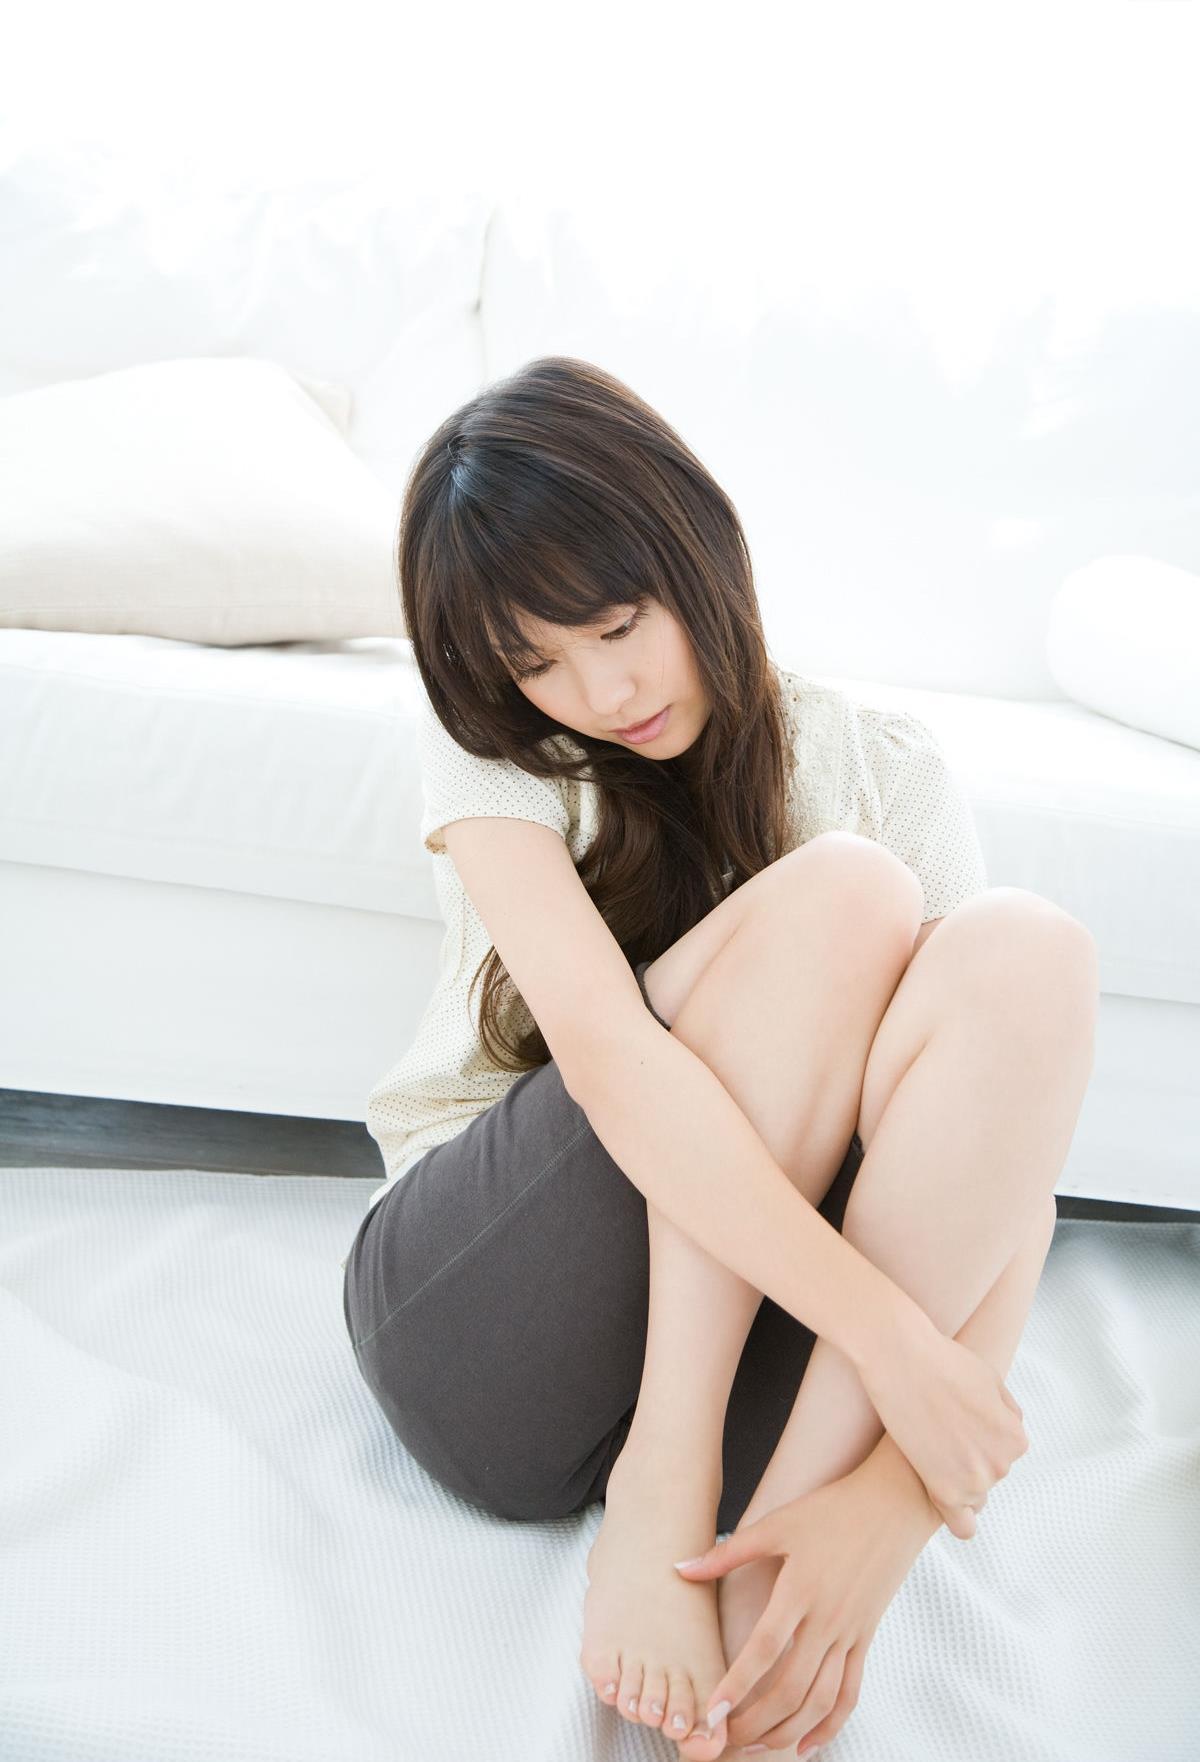 戸田恵梨香 画像 32